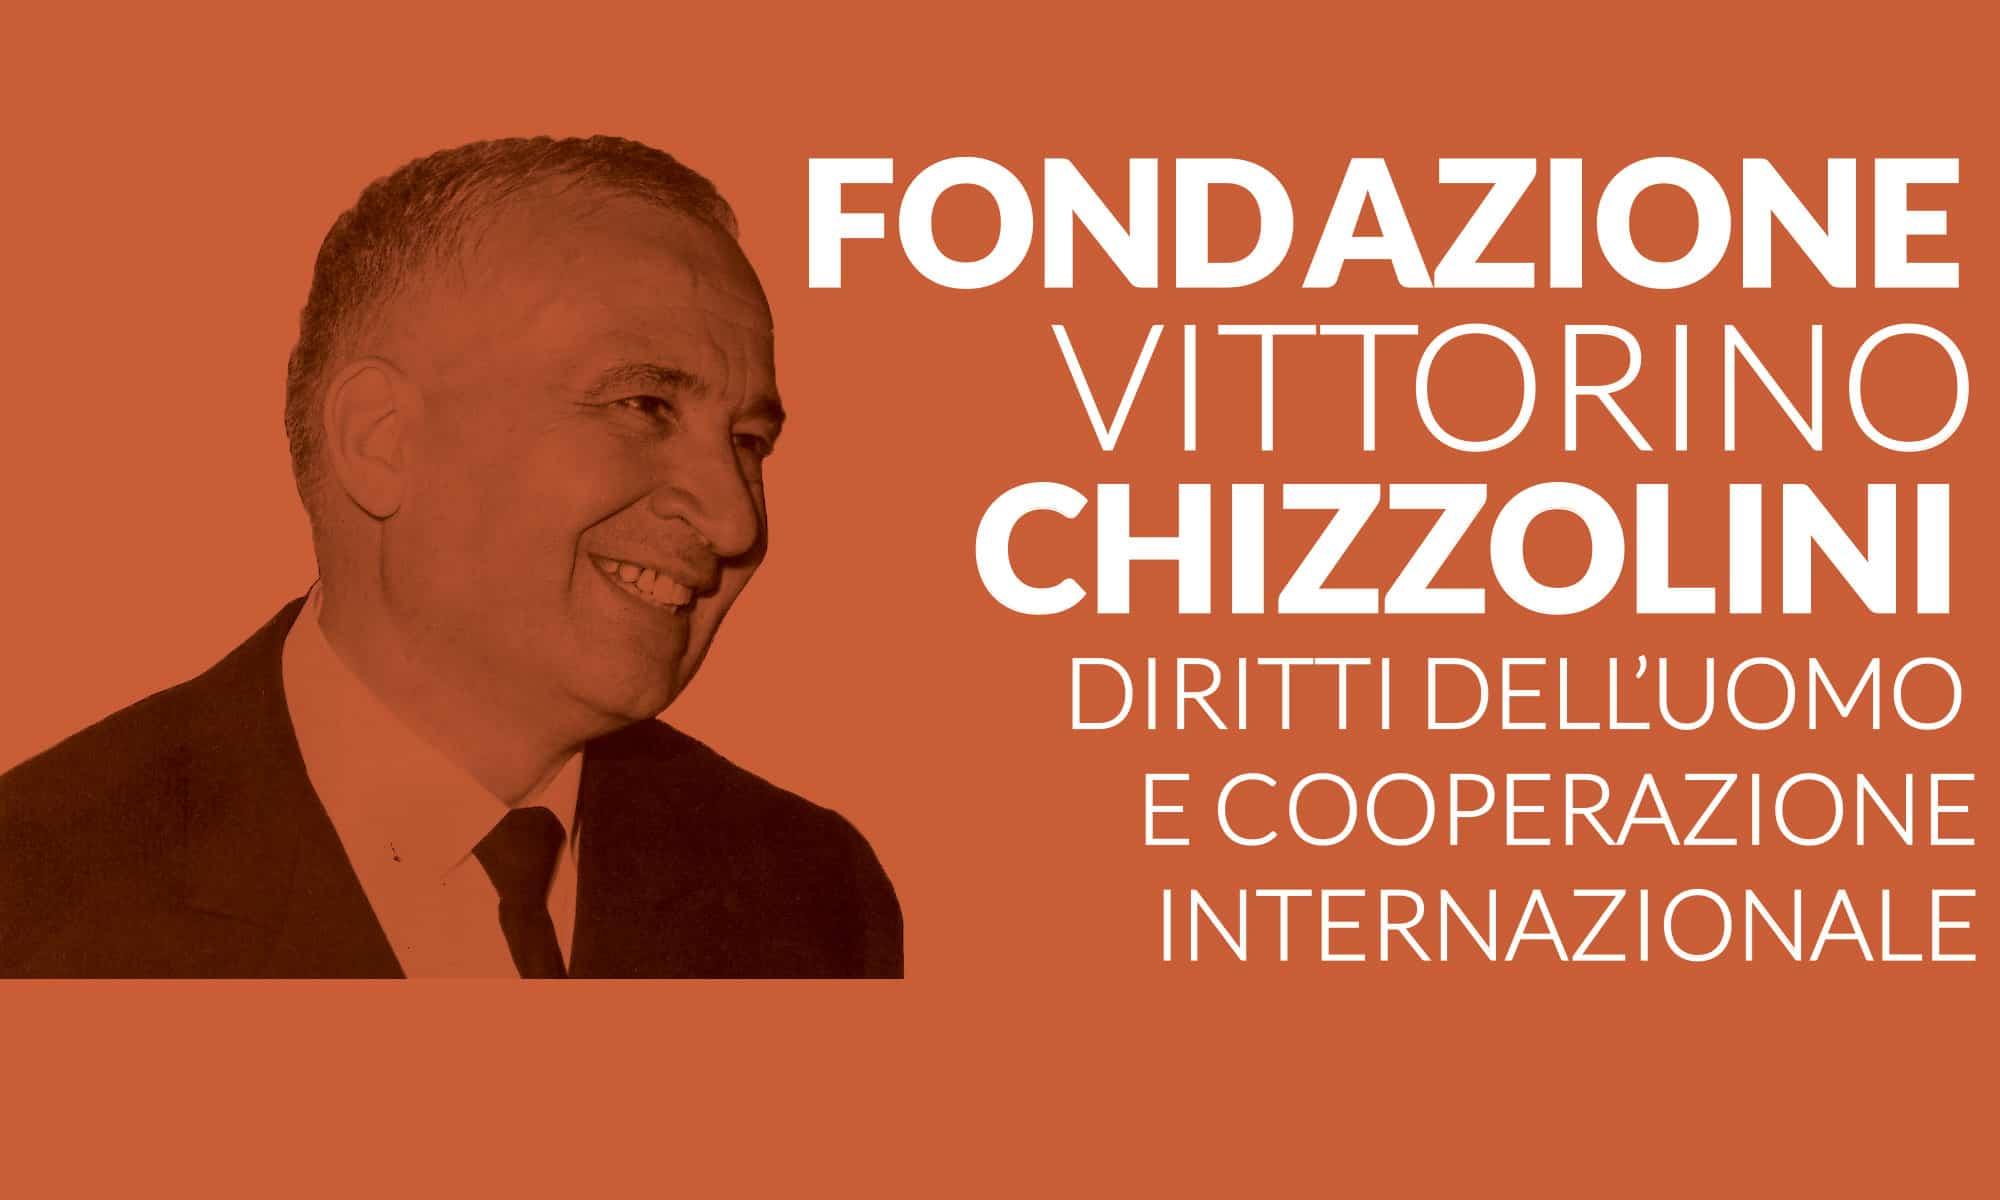 Fondazione Vittorino Chizzolini